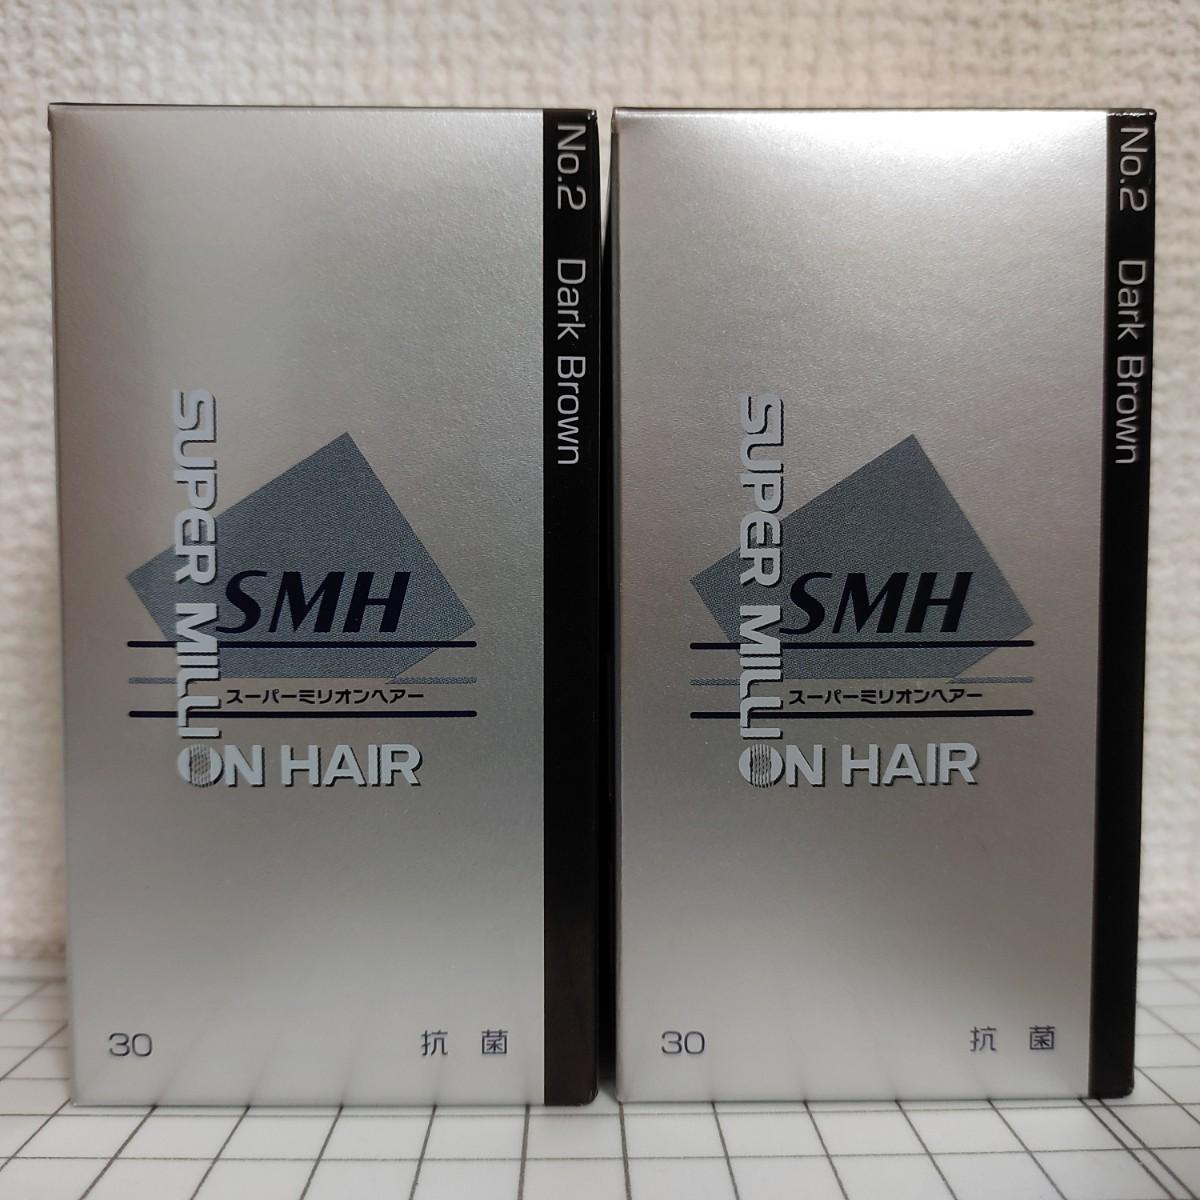 スーパーミリオンヘアー ダークブラウン 30g 2箱 新品・未開封